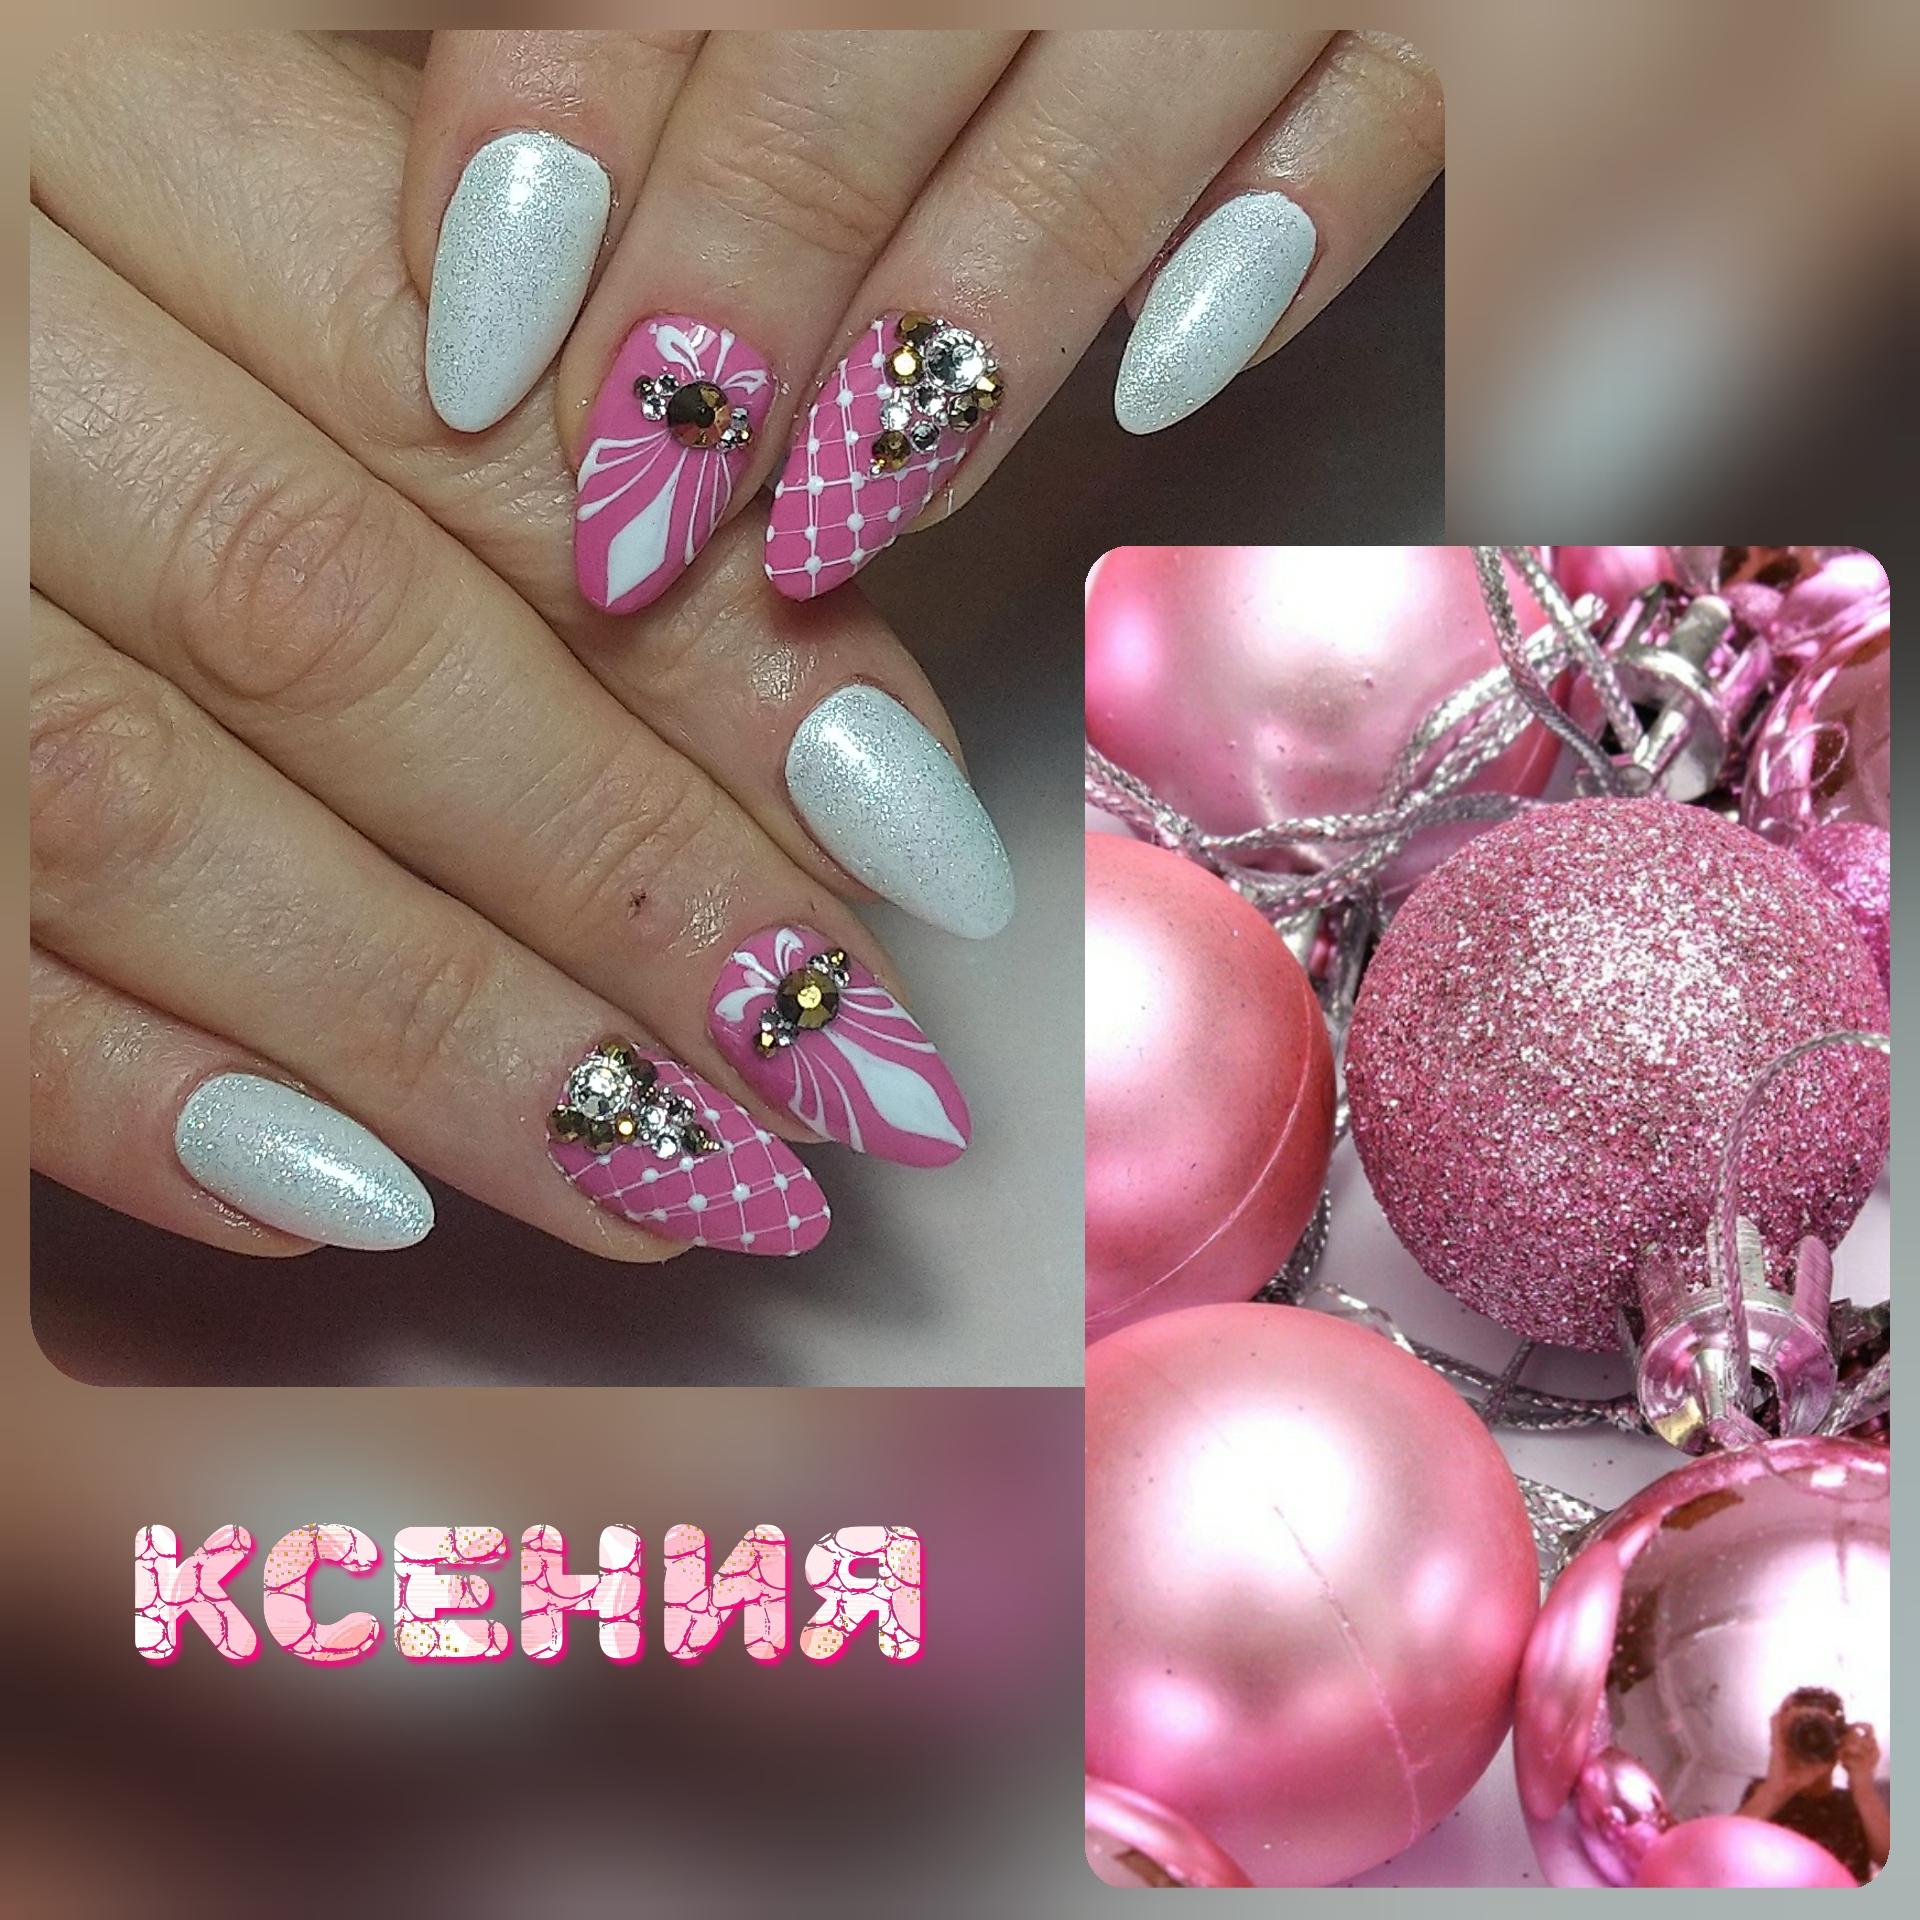 Маникюр в белом цвете с блестящей втиркой, розовым дизайном и стразами.